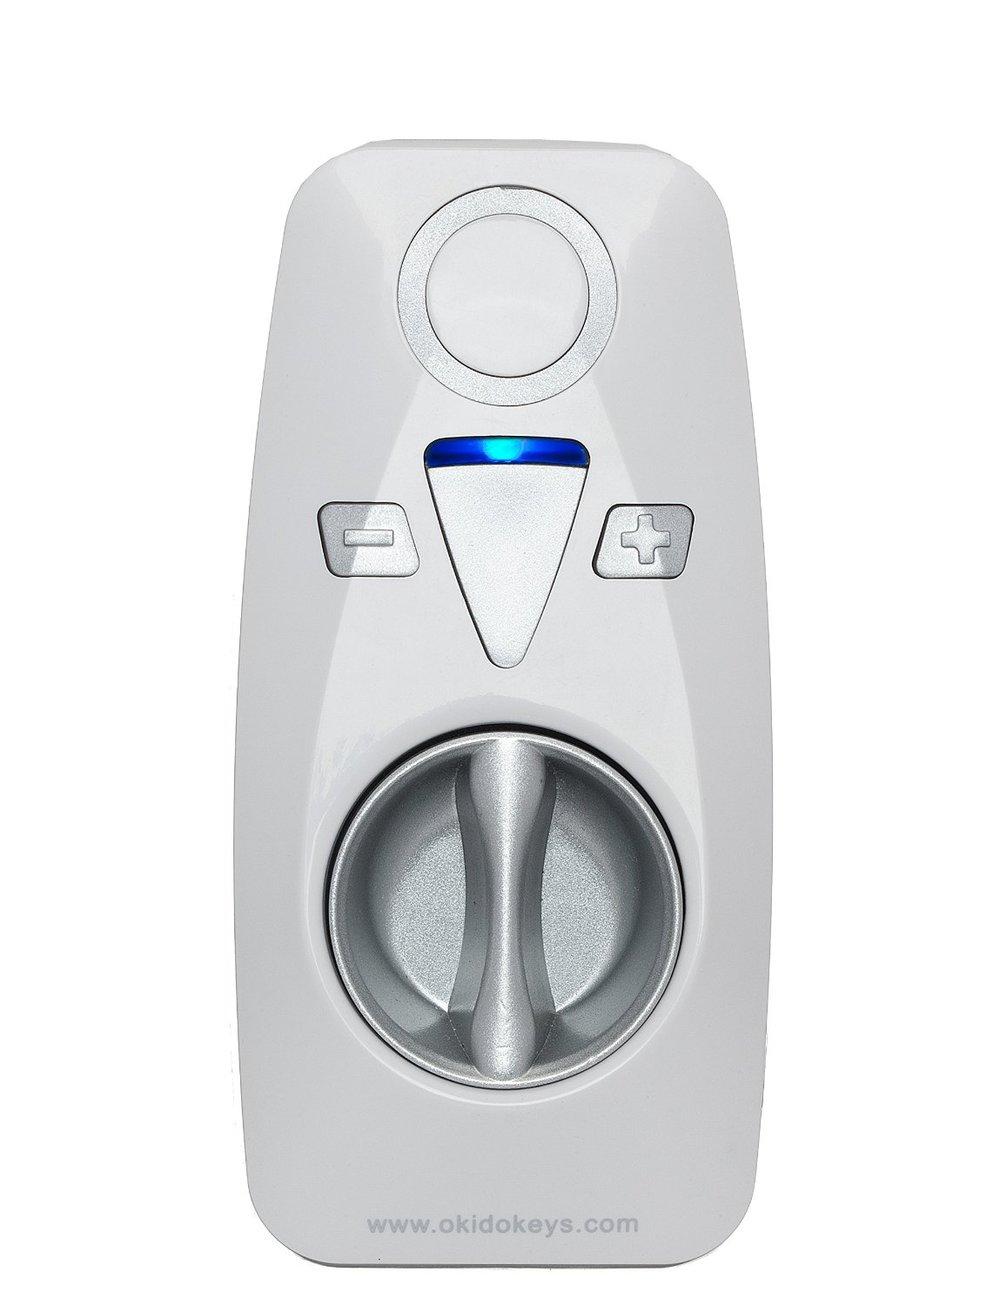 2015's Coolest Home Automation Gadgets